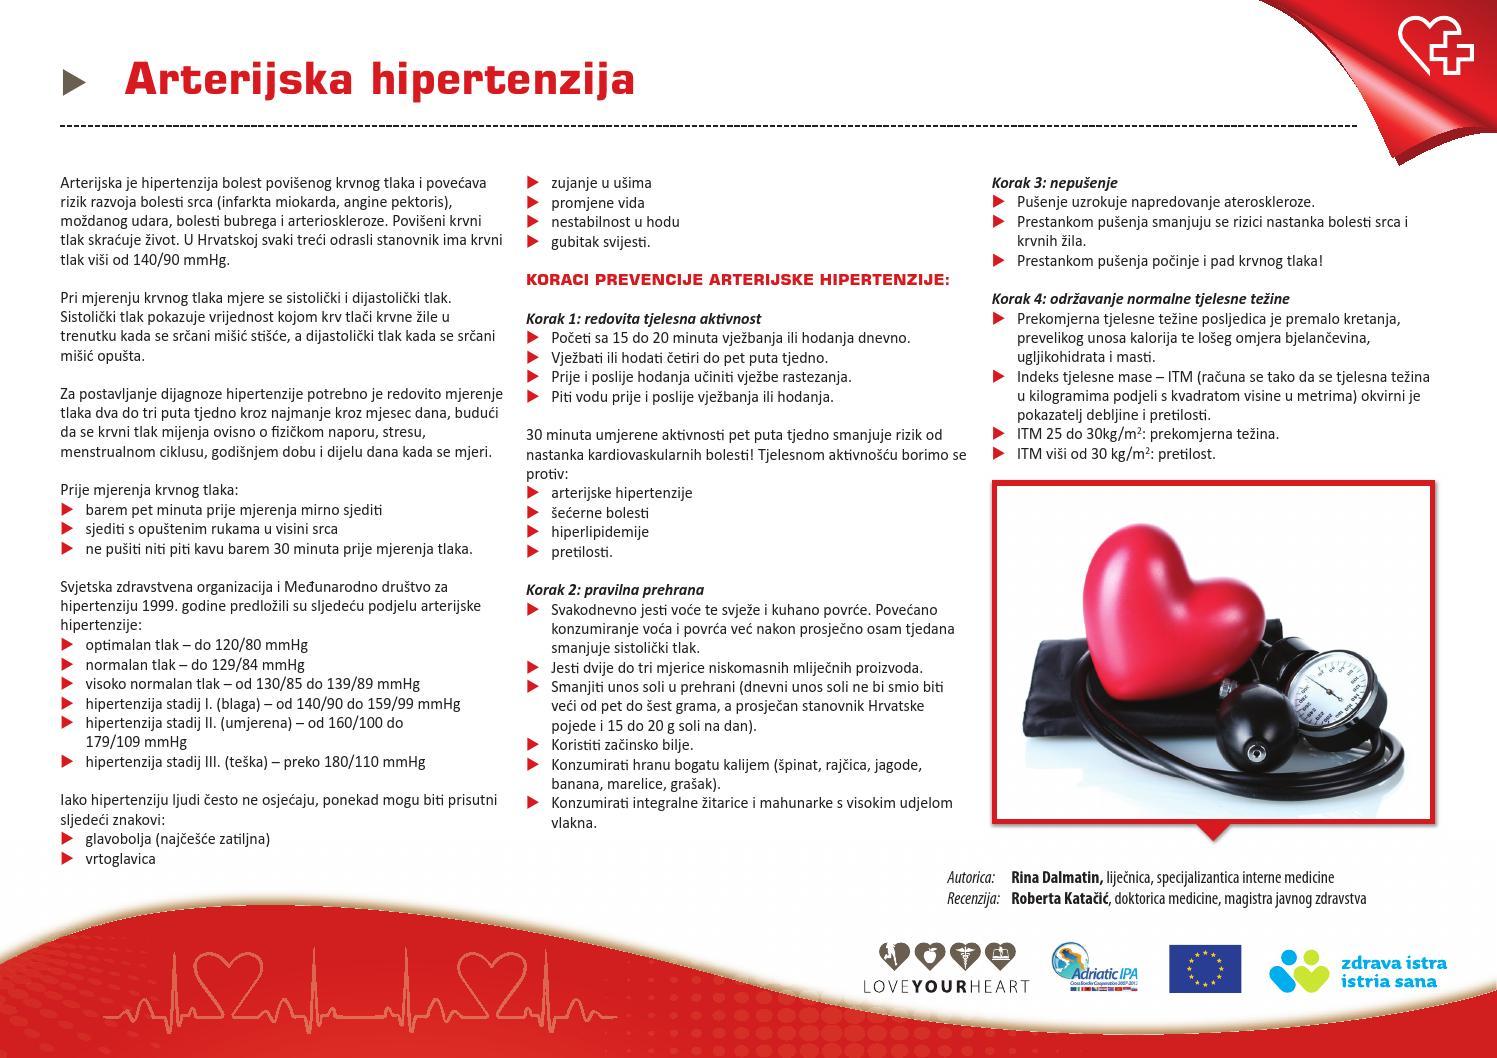 proizvoda u hipertenzije)